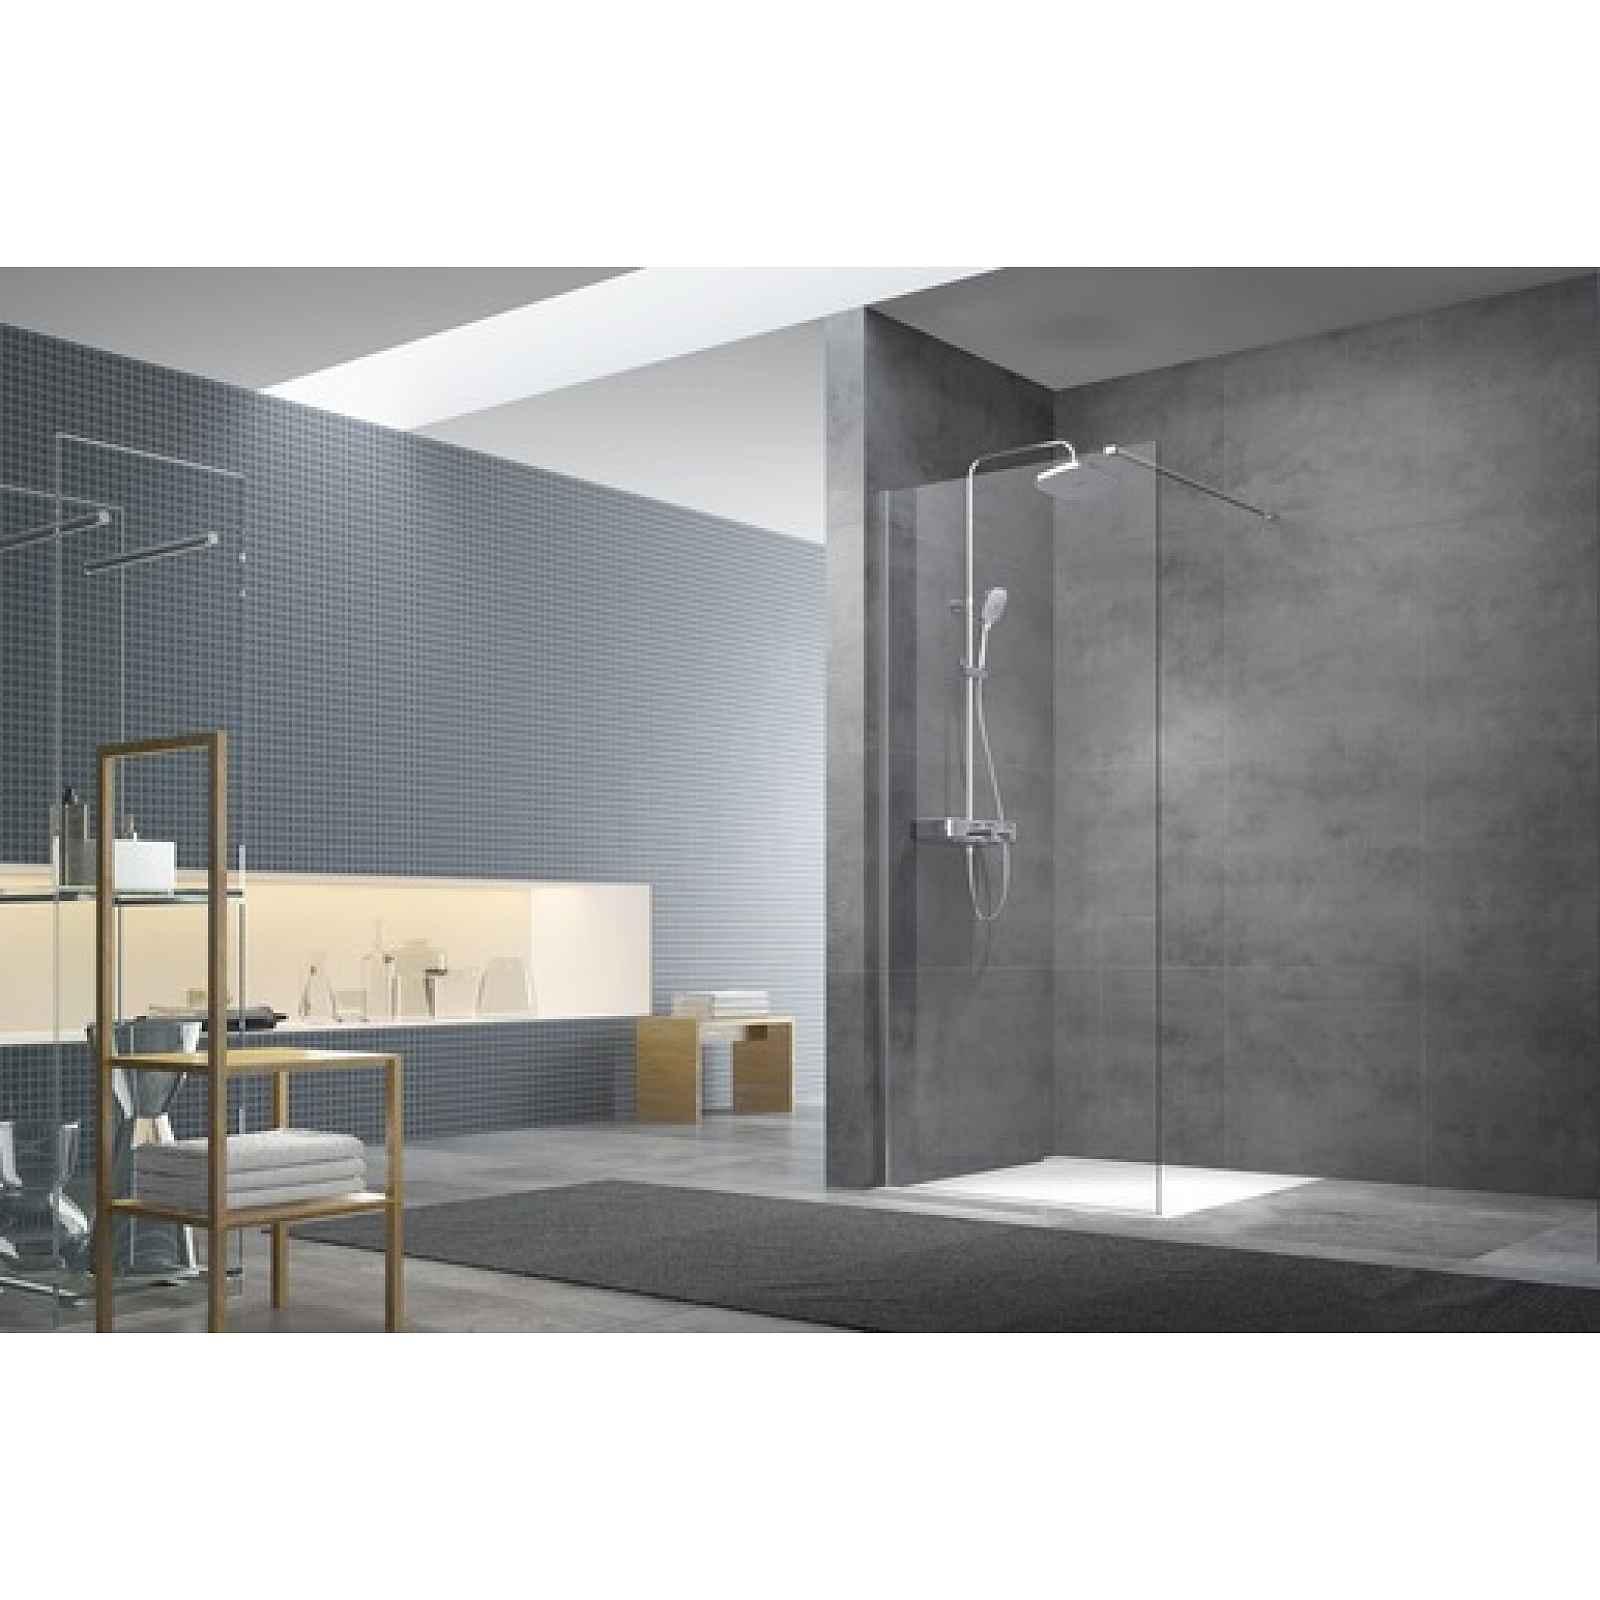 Sprchová zástěna walk-in Walk-In / dveře 100 cm s profilem a zavětrováním Swiss Aqua Technologies Walk-in SATBWI100PR